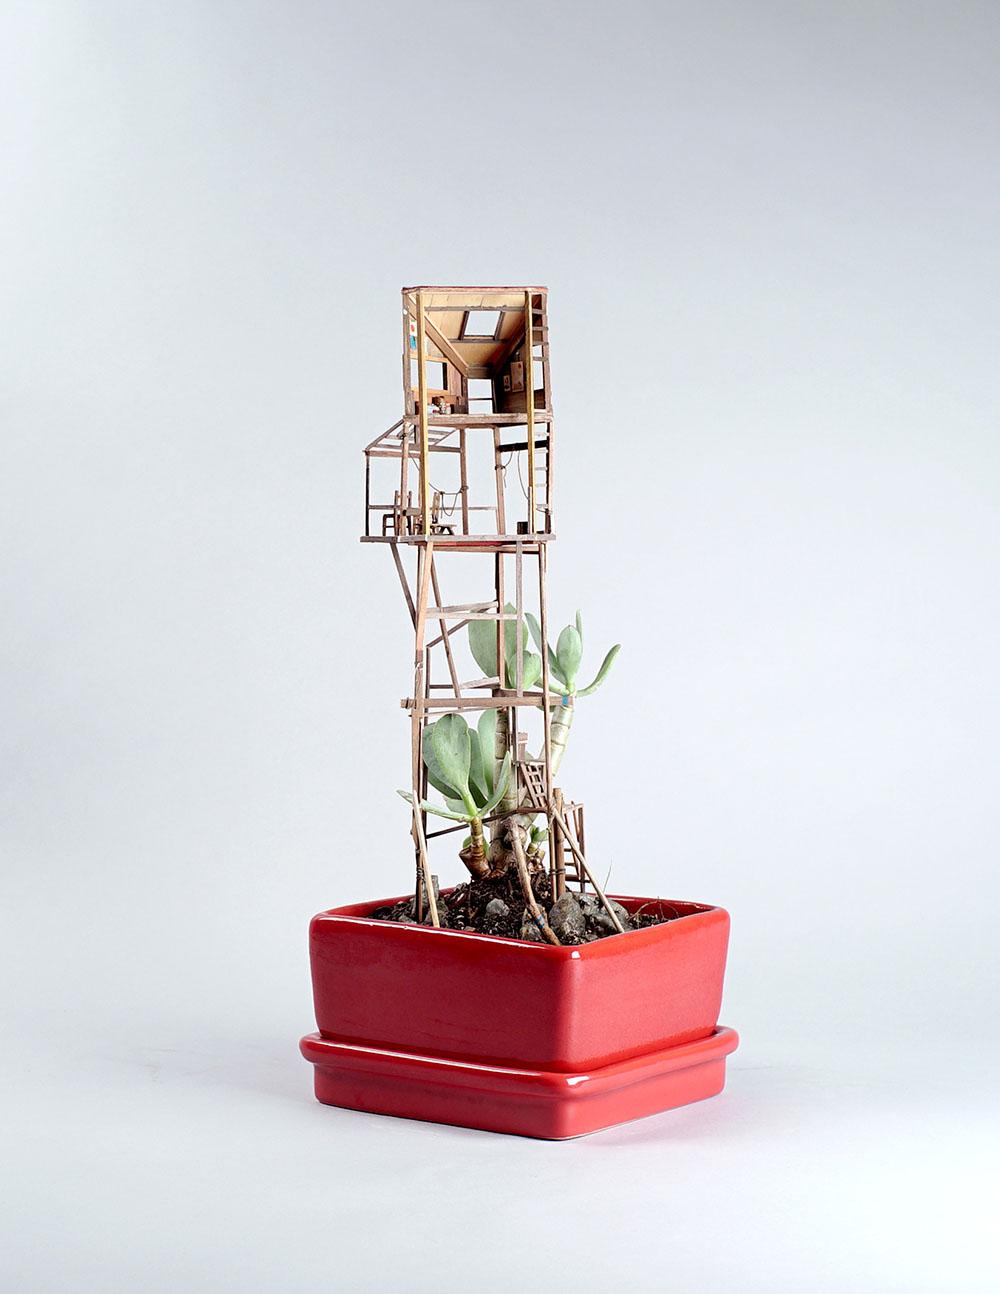 Miniature Sculptures Plant Decor on Succulent in Square Red Pot Jedediah Voltz Artwork